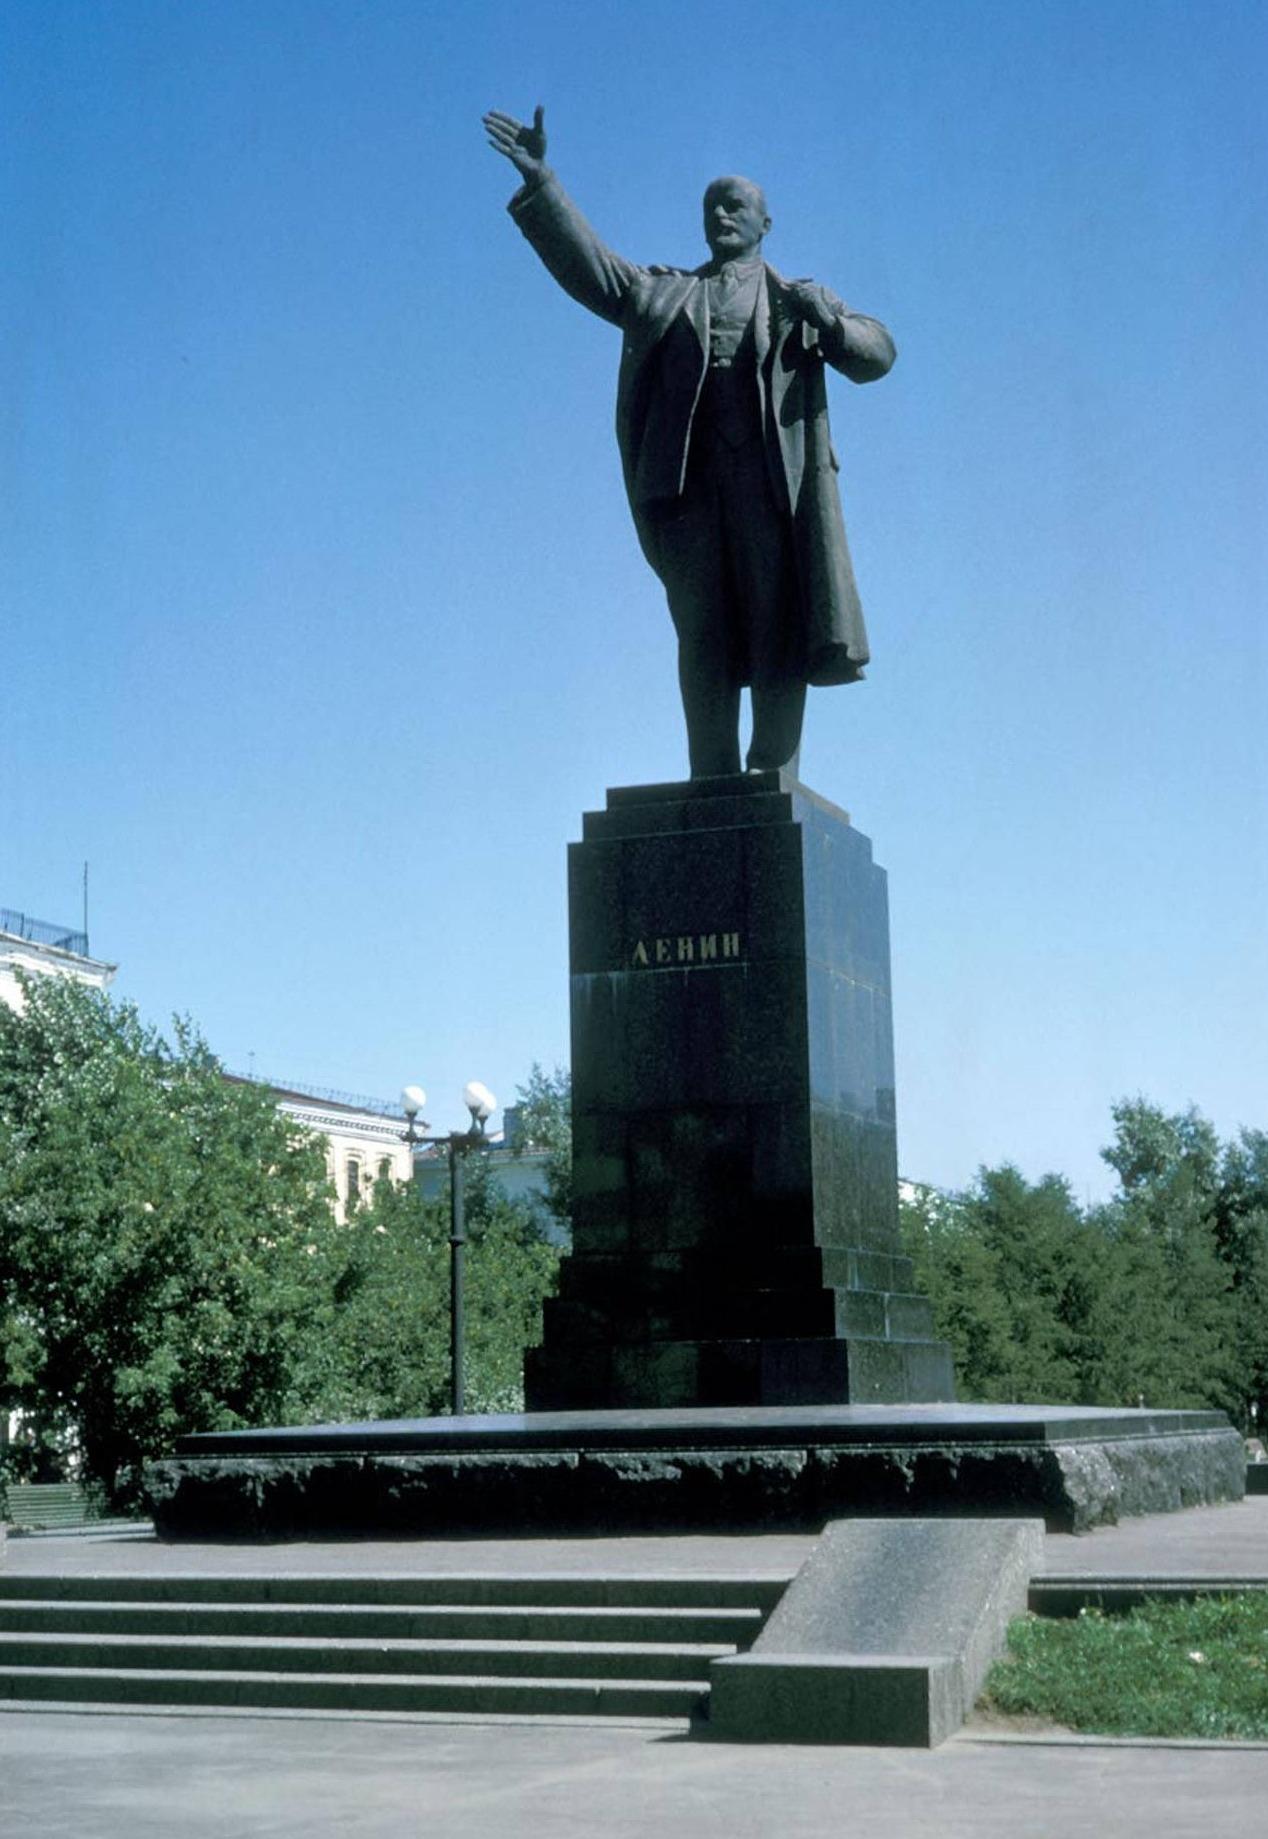 Перекресток улиц Ленина и Карла Маркса. Памятник Ленину